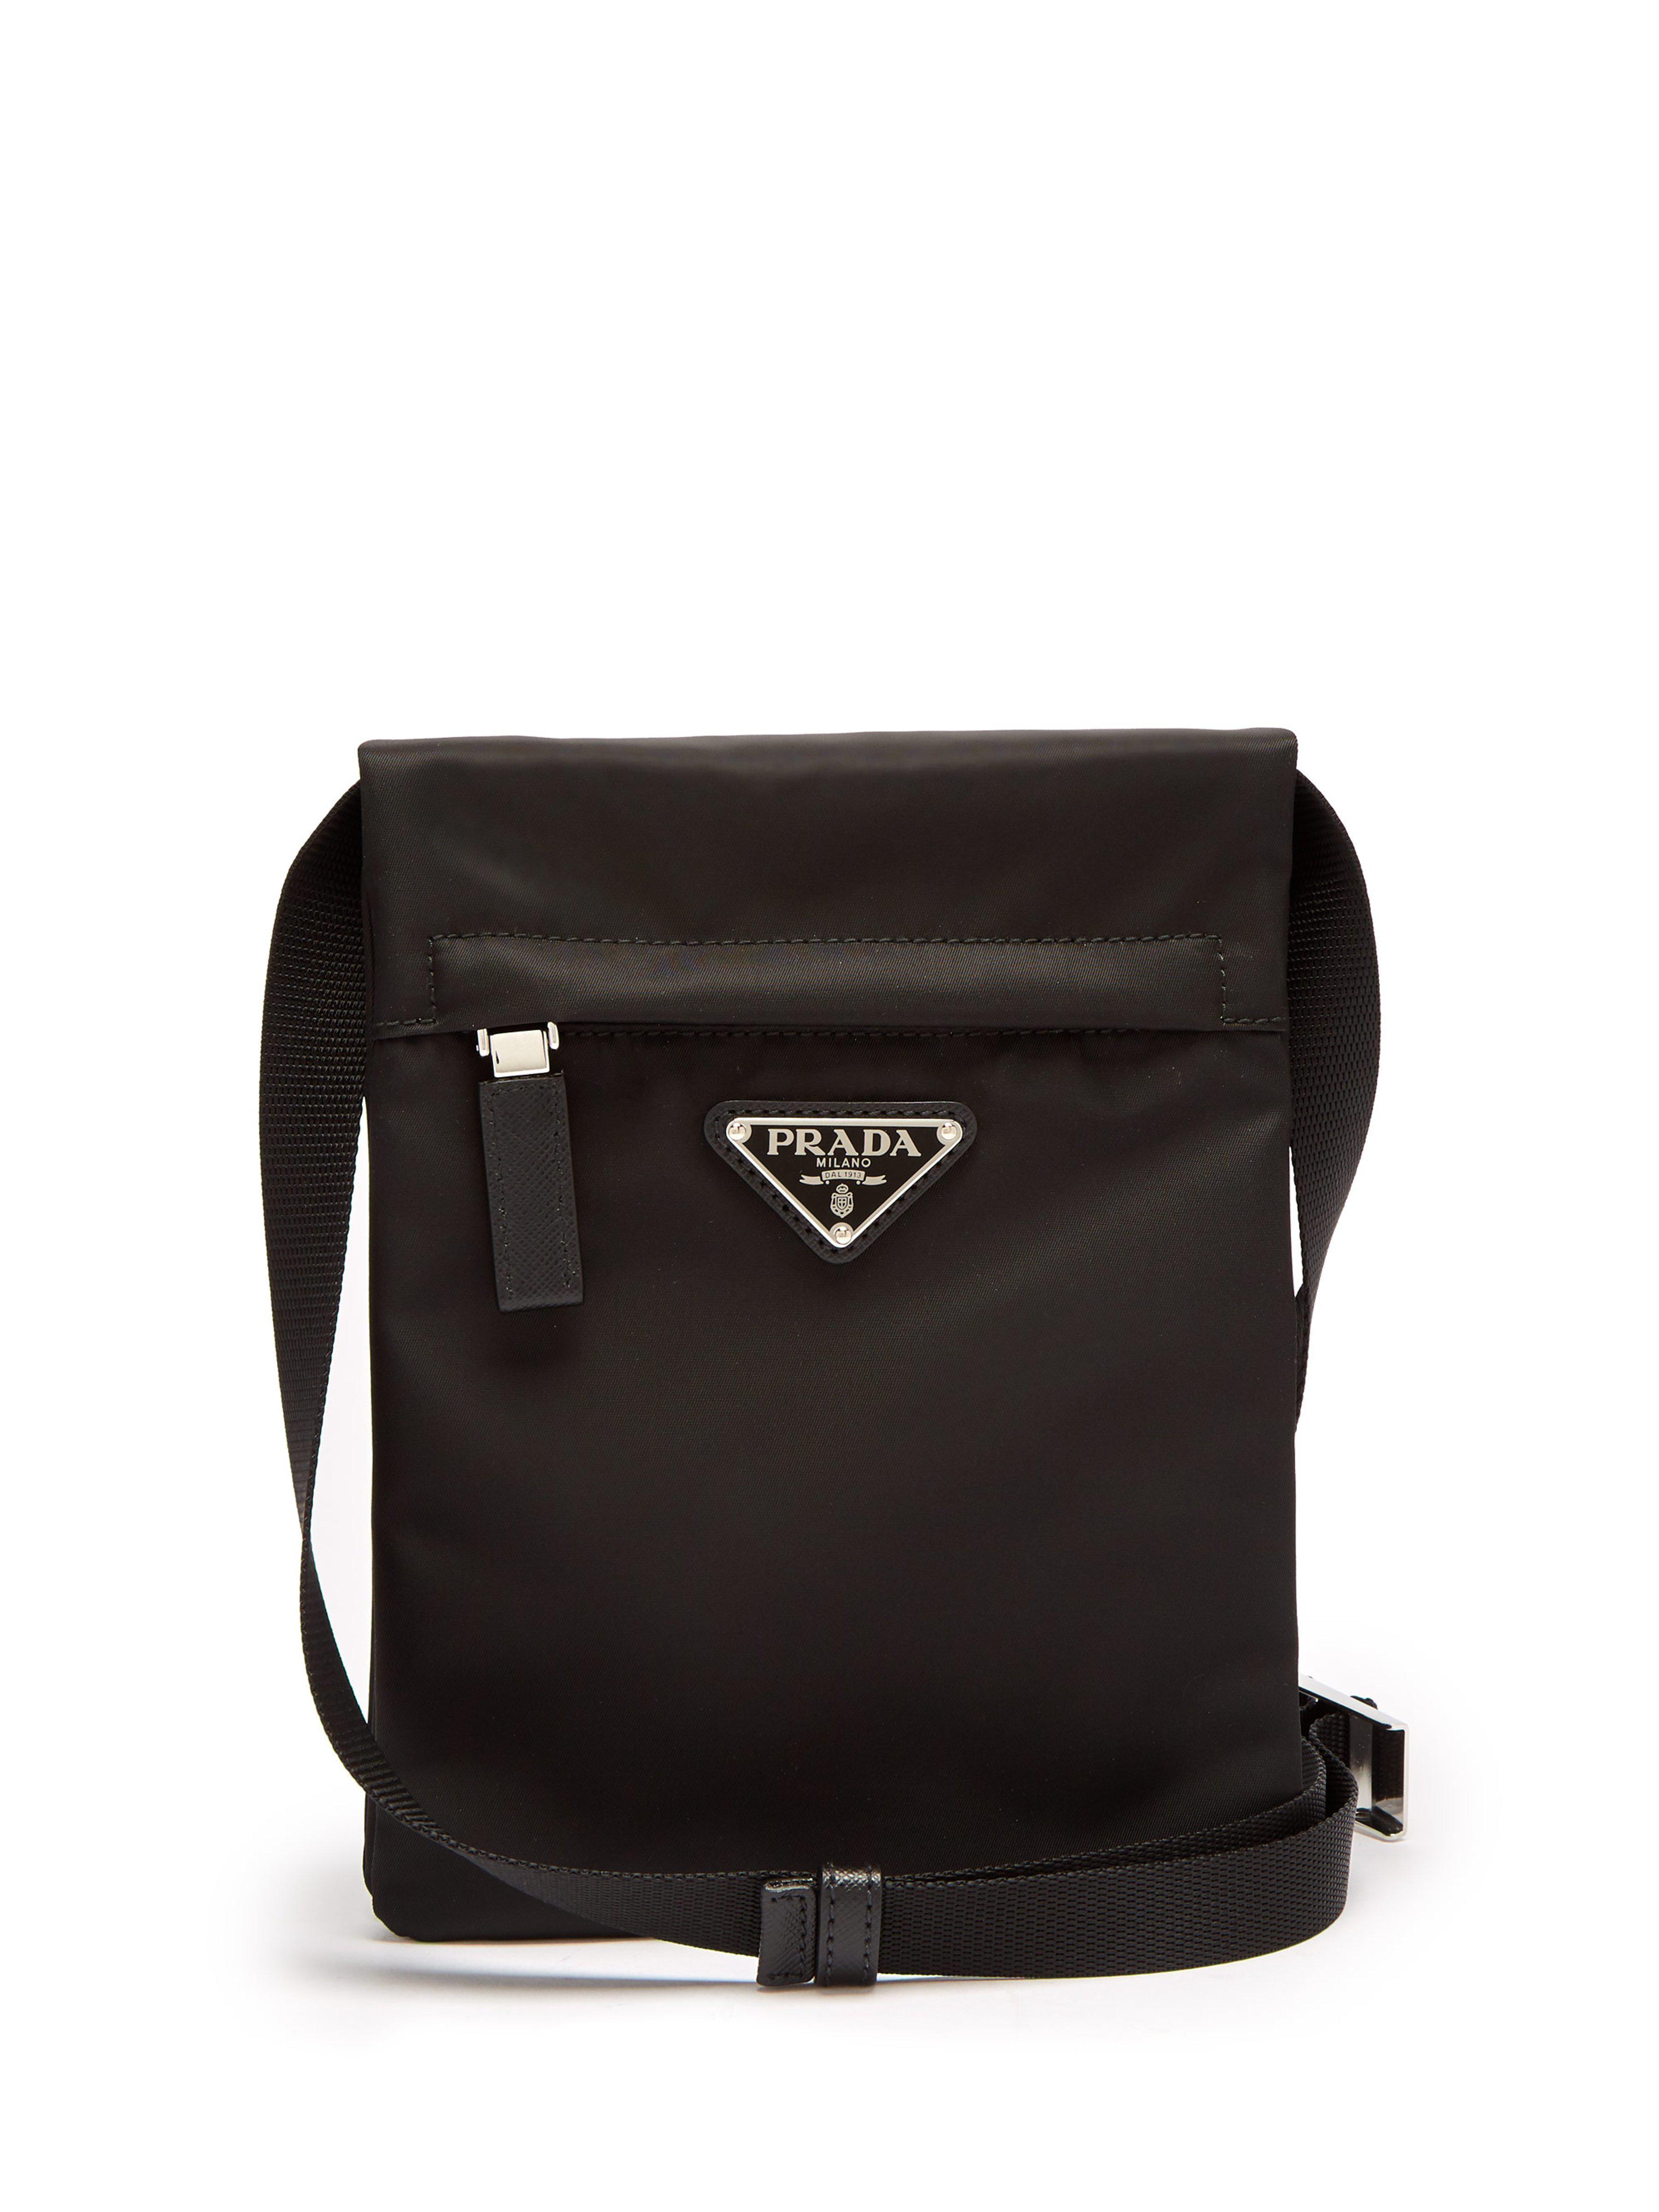 Prada - Black Nylon Cross Body Bag for Men - Lyst. View fullscreen 845bbc692d475